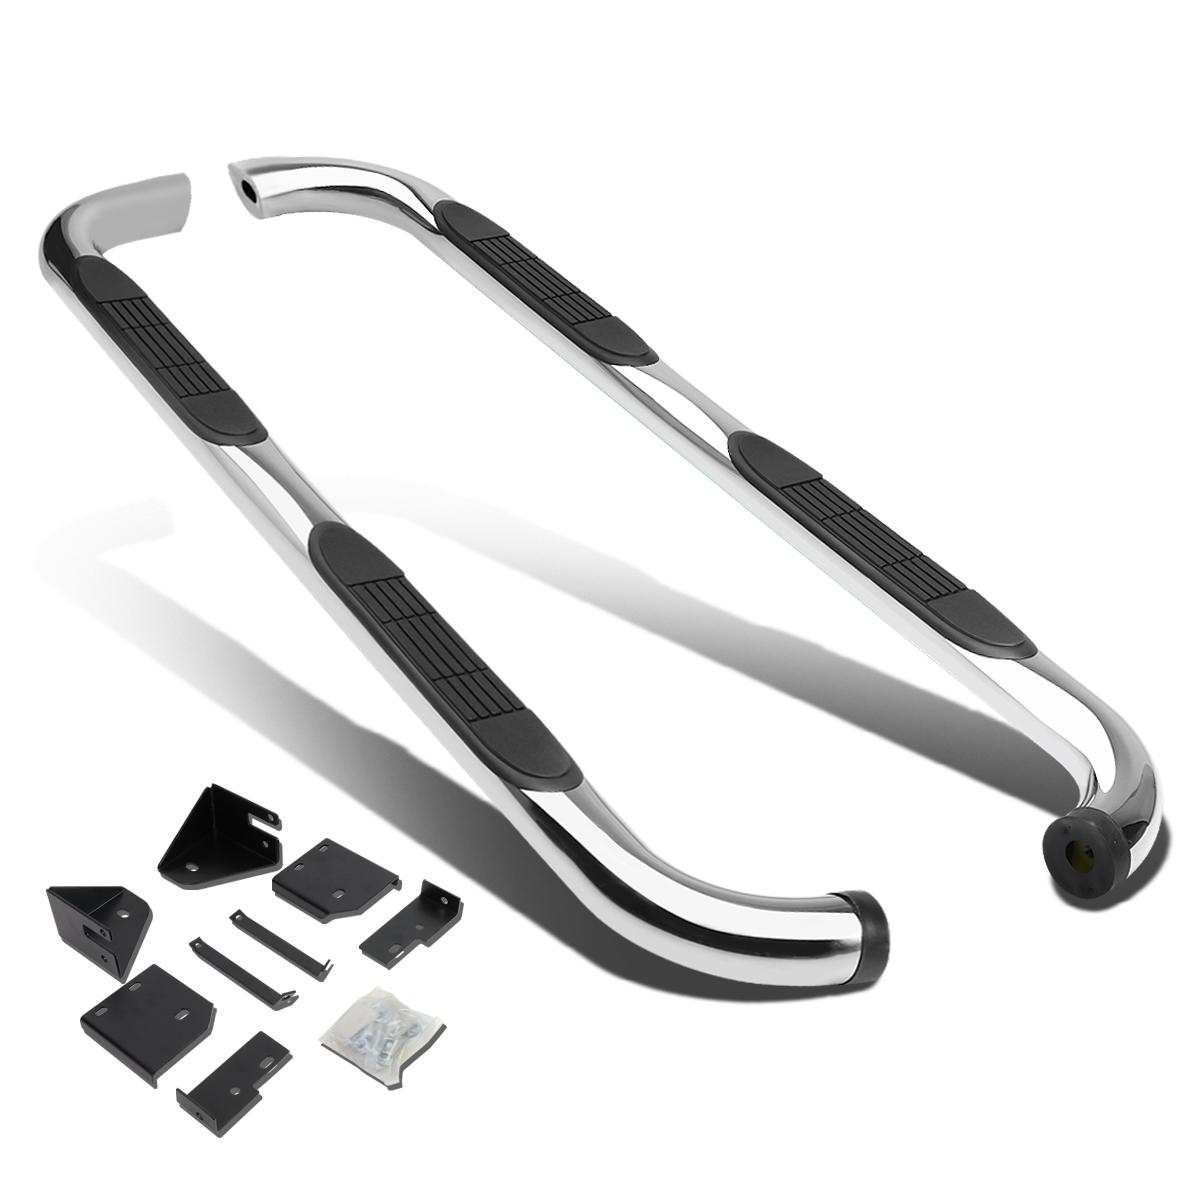 Ford Ranger 2012+ Stainless Steel Side Steps